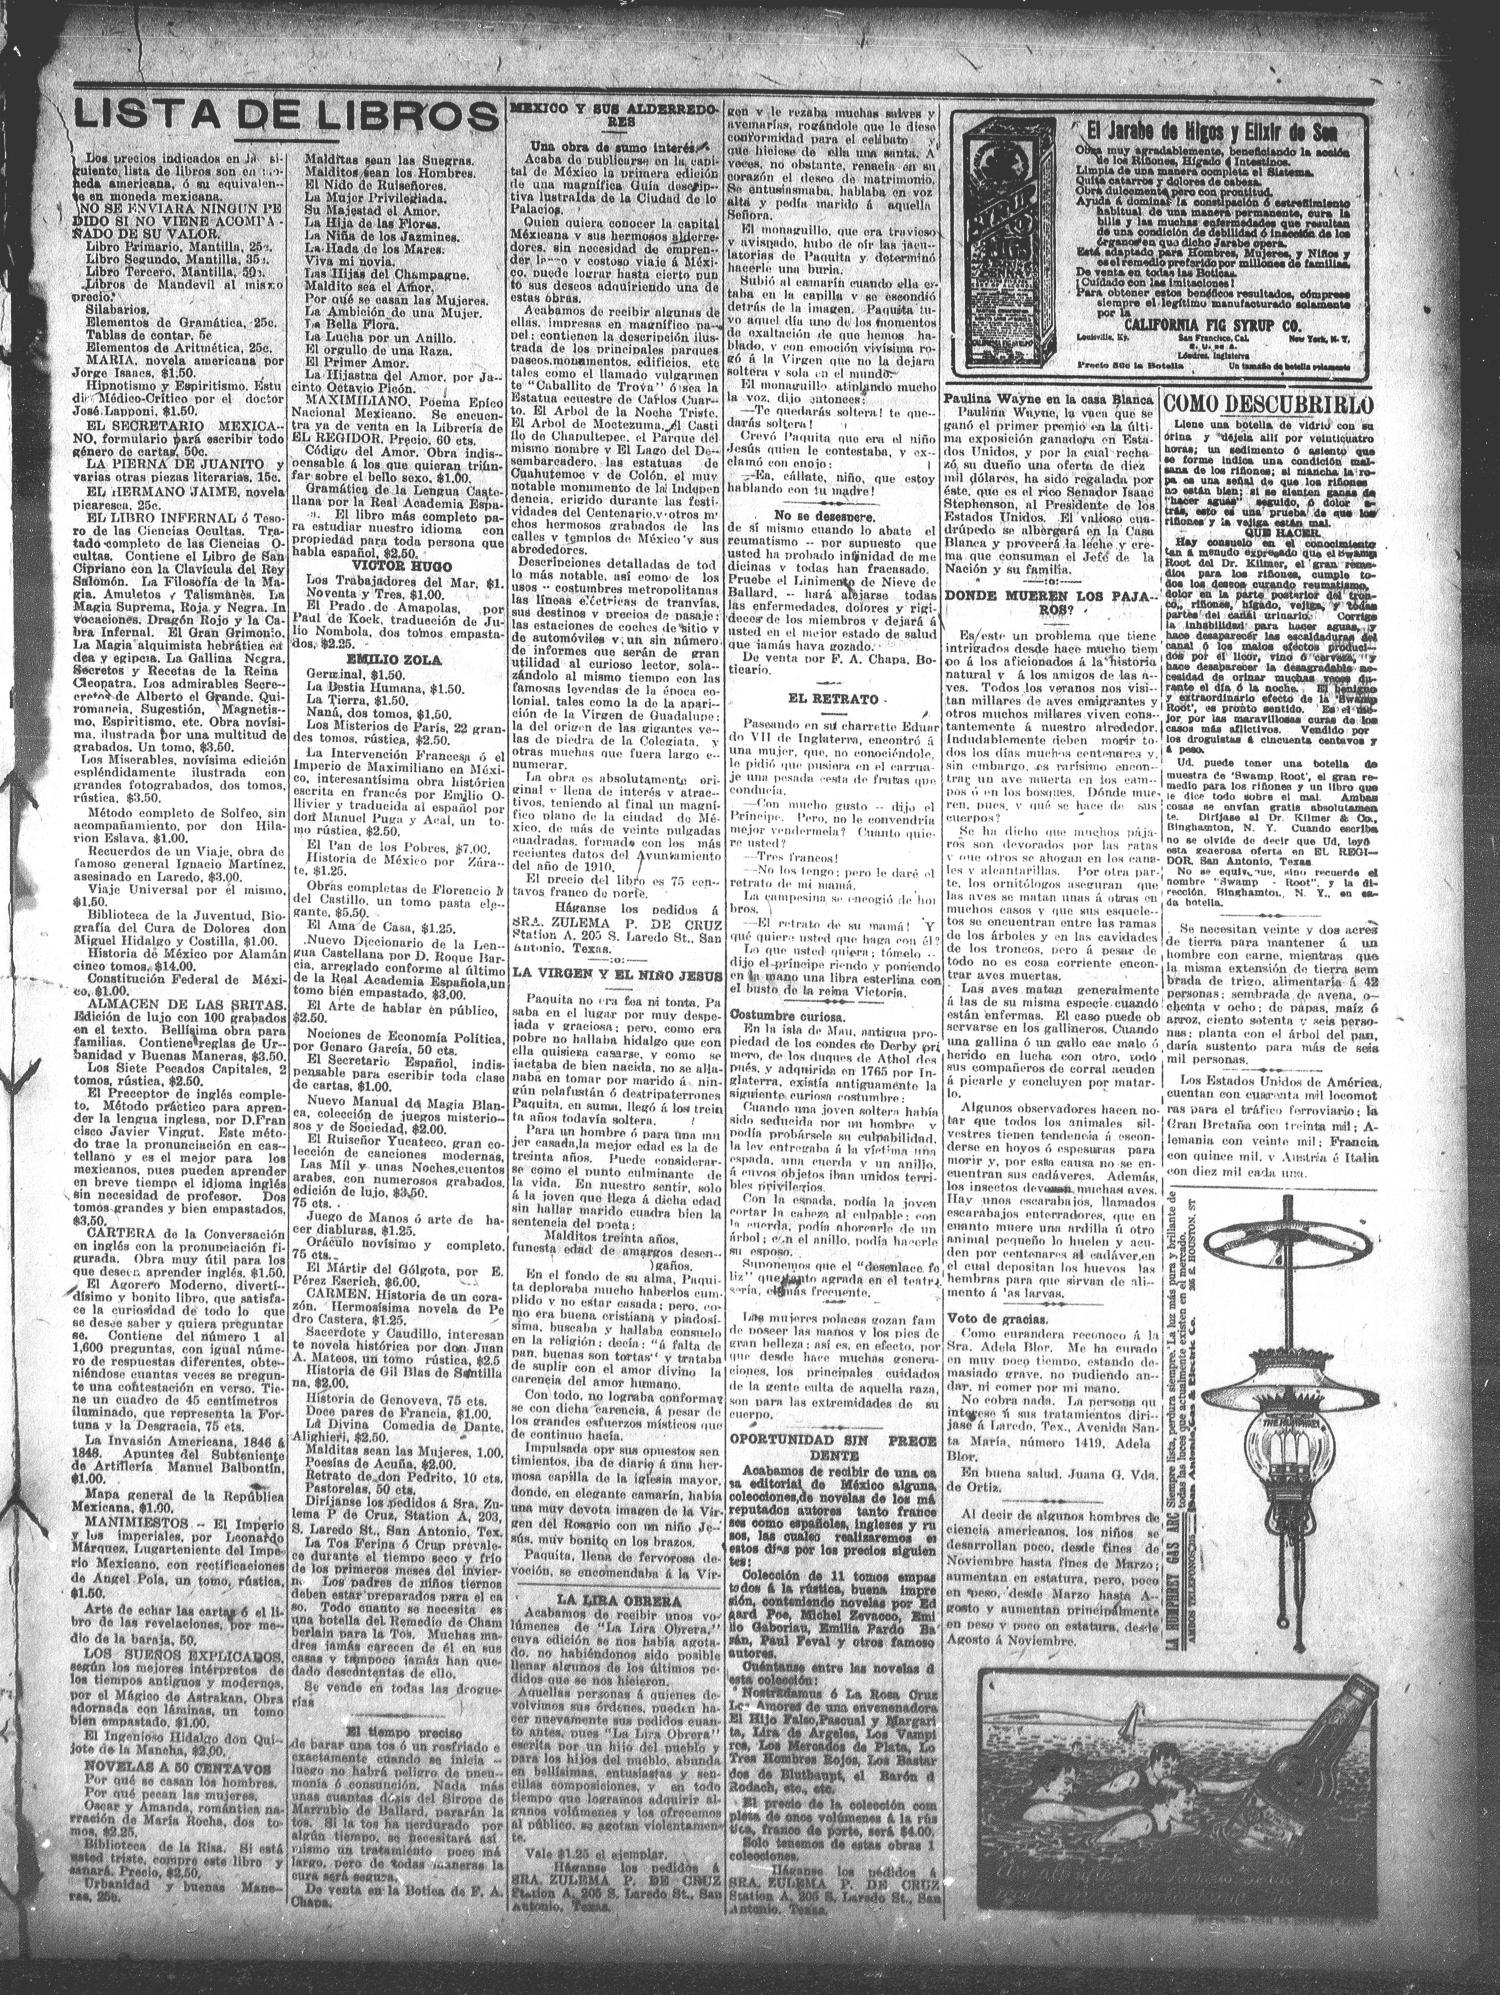 El Regidor (San Antonio, Tex ), Vol  22, No  1090, Ed  1